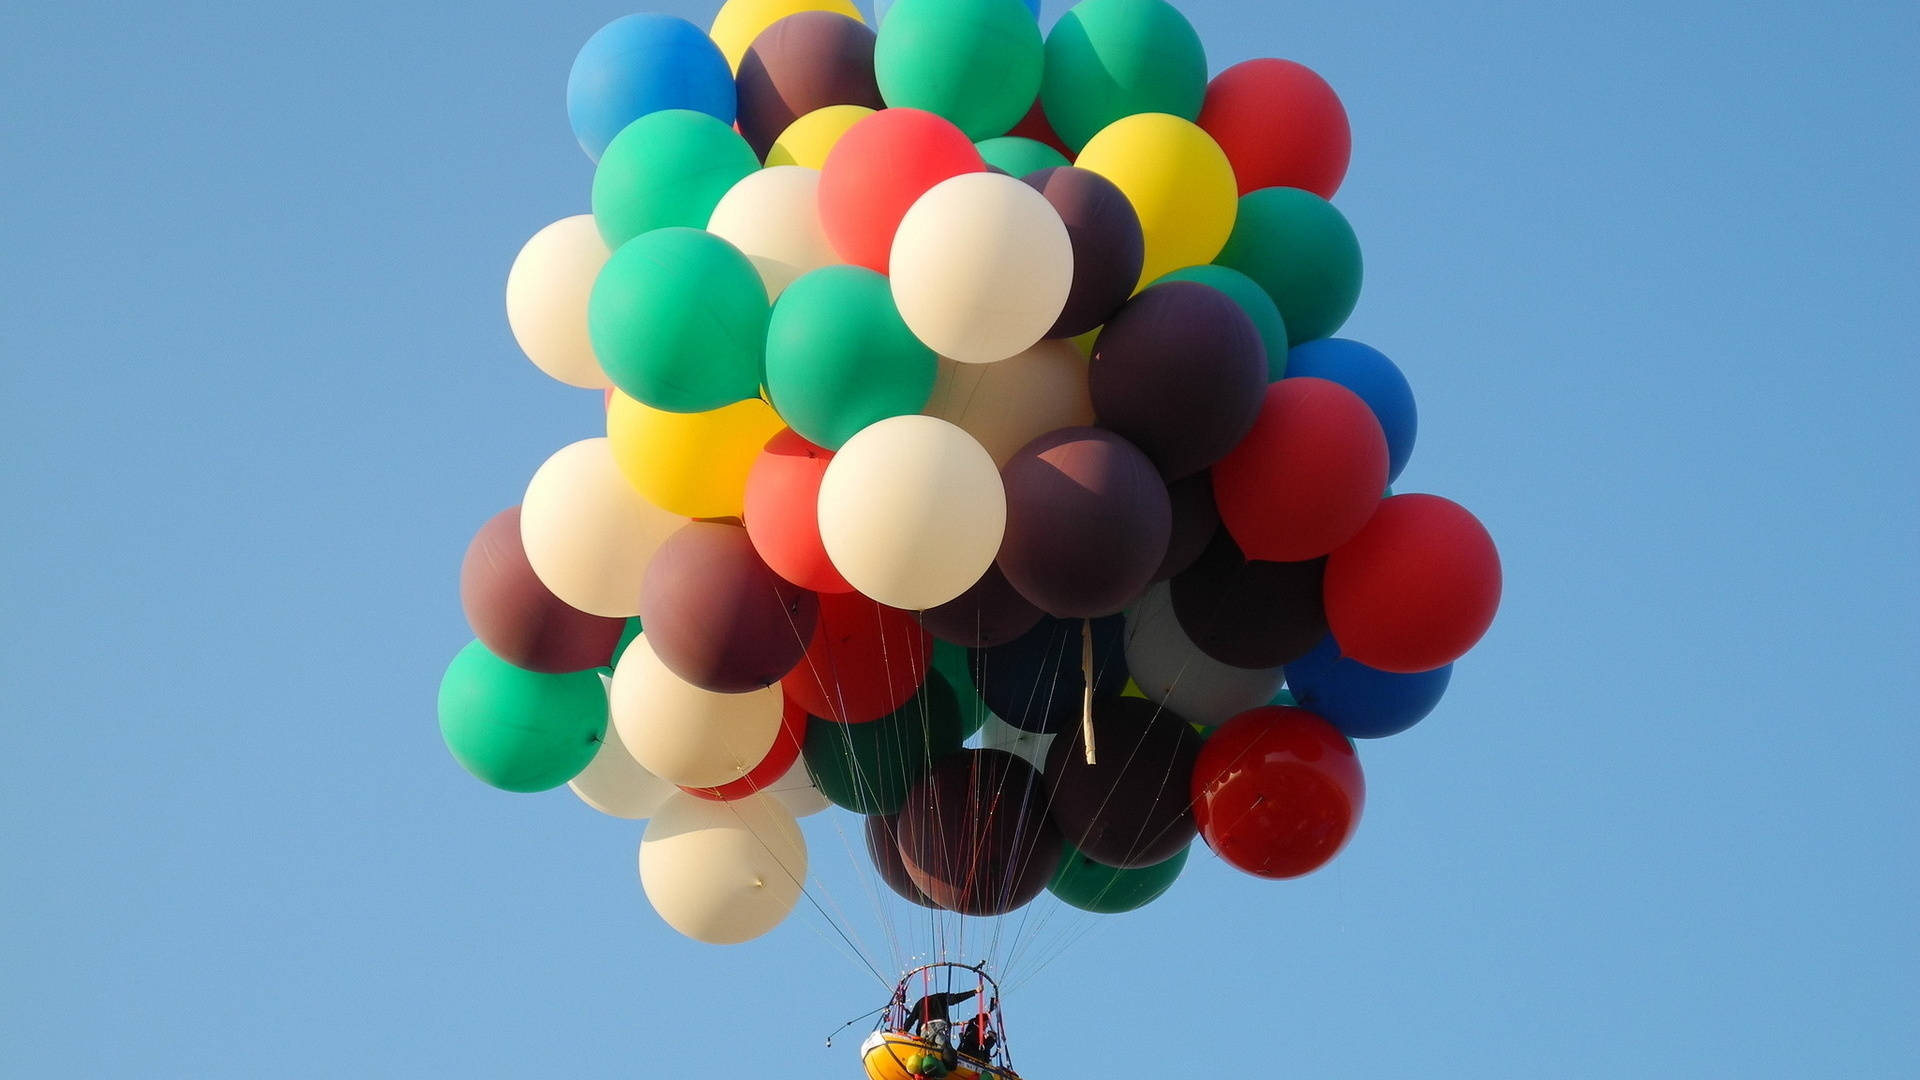 проявления картинки про шарики воздушные рассказал нам